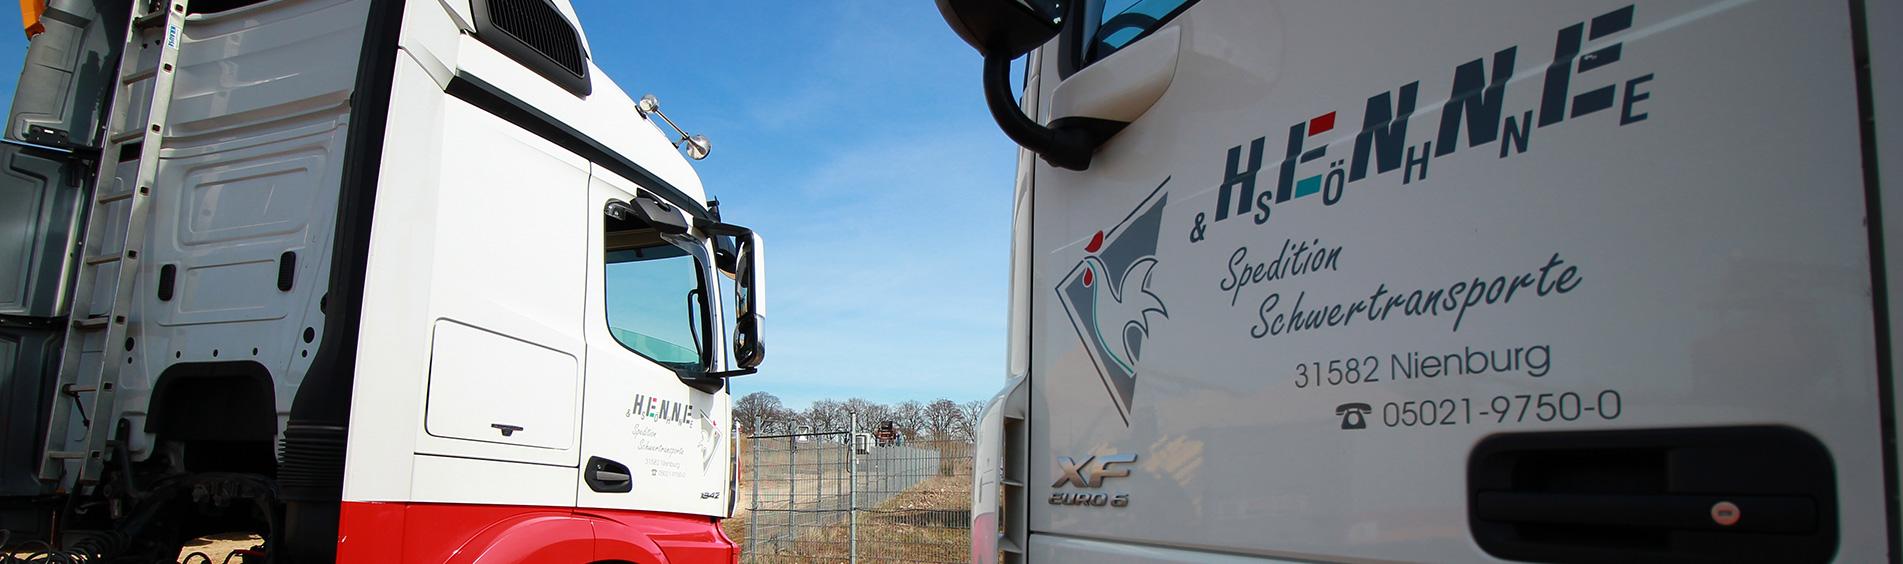 » Impressum - Schwertransporte - Baustoffhandel - Spedition